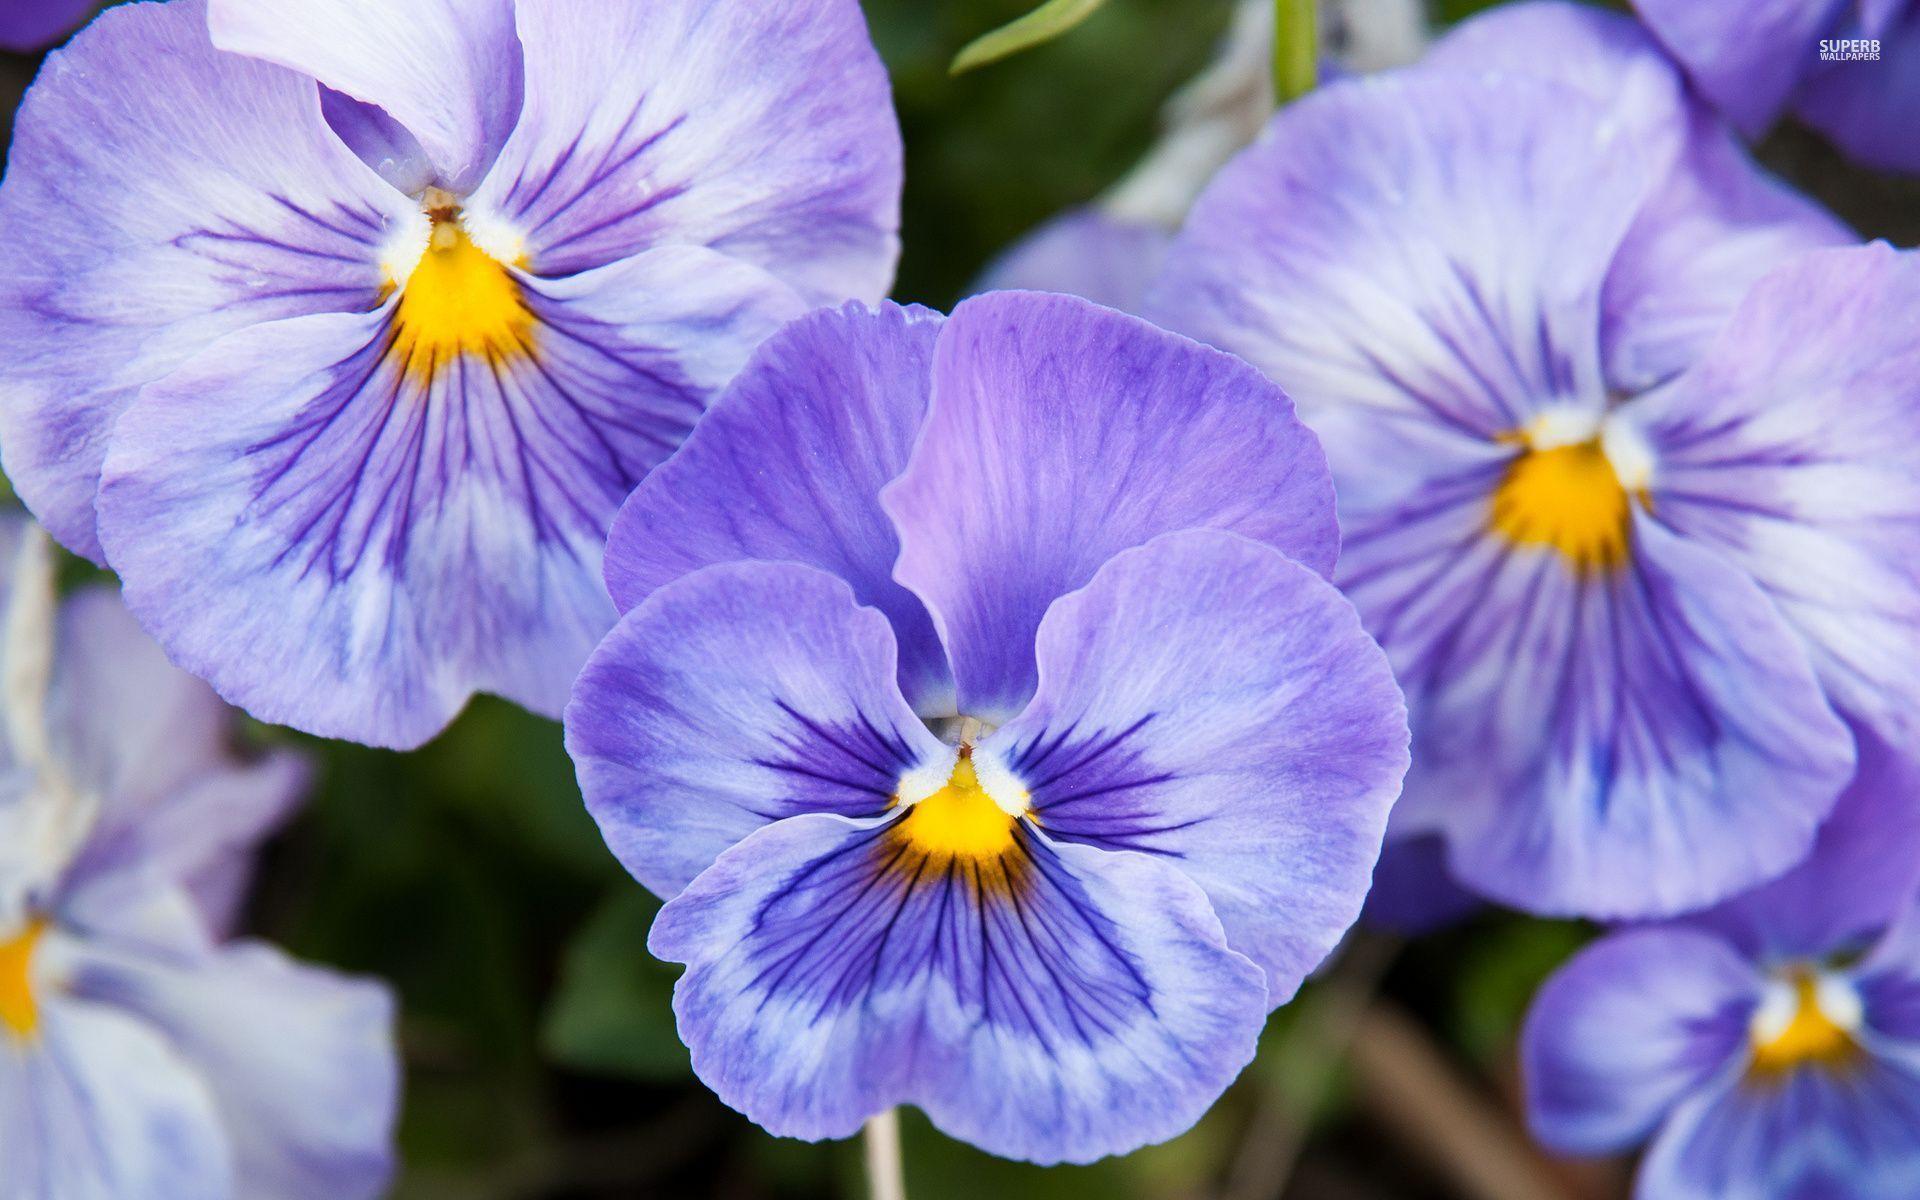 403 Forbidden Pansies Flowers Pansies Purple Pansy